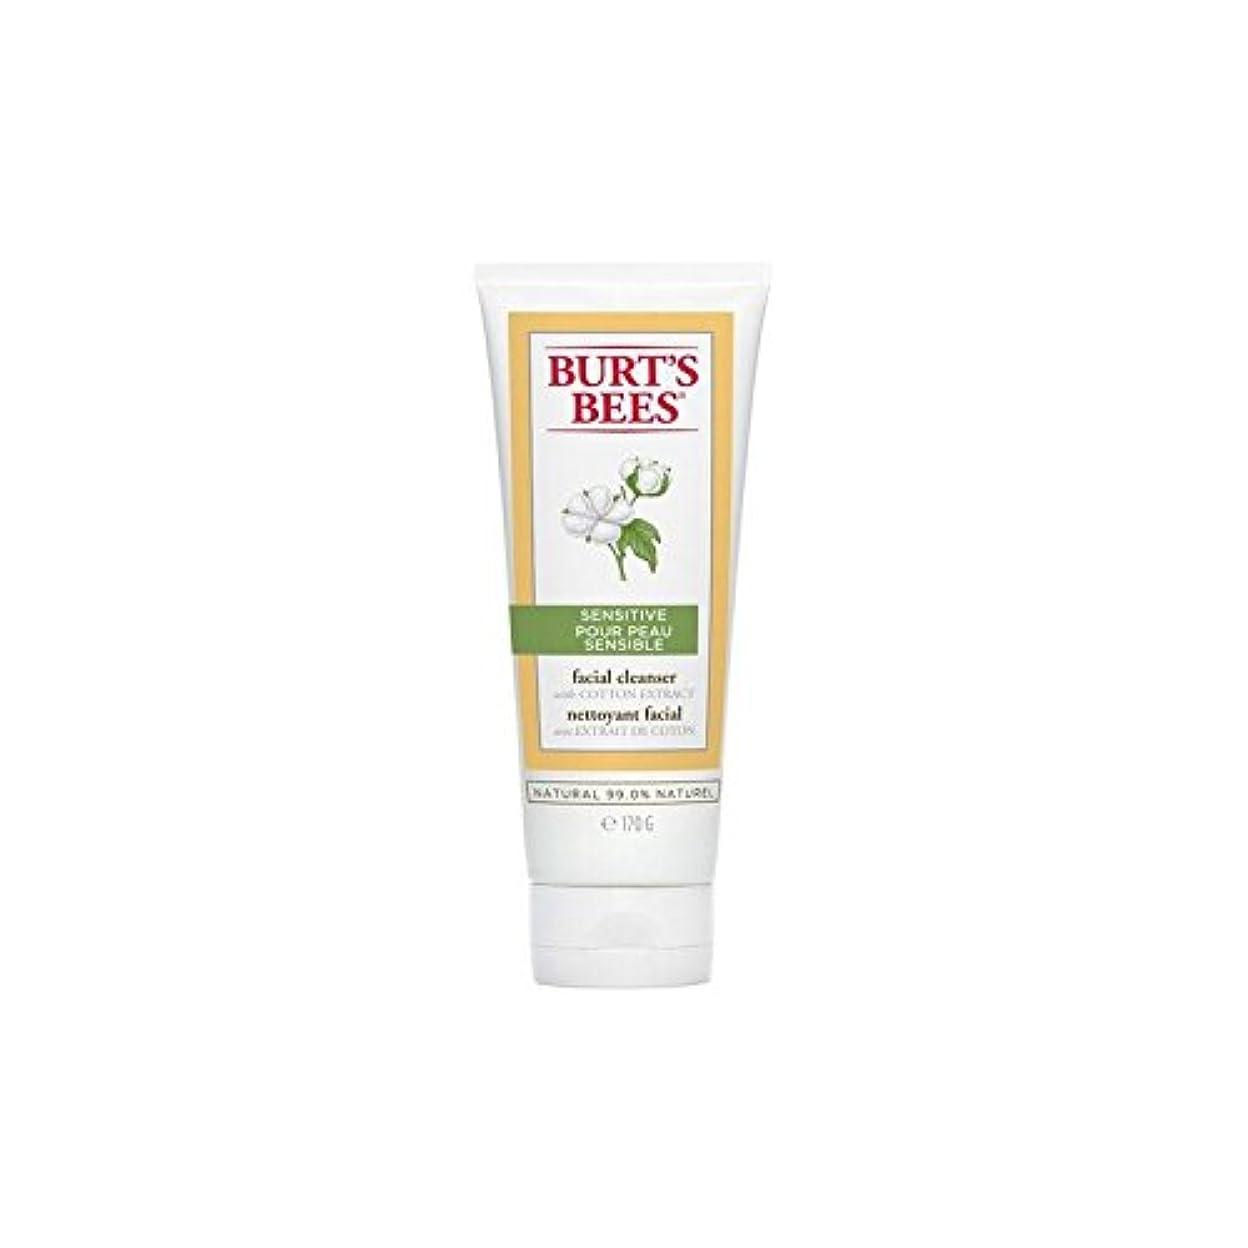 めったに不安定換気バーツビー敏感な洗顔料の170グラム x4 - Burt's Bees Sensitive Facial Cleanser 170G (Pack of 4) [並行輸入品]